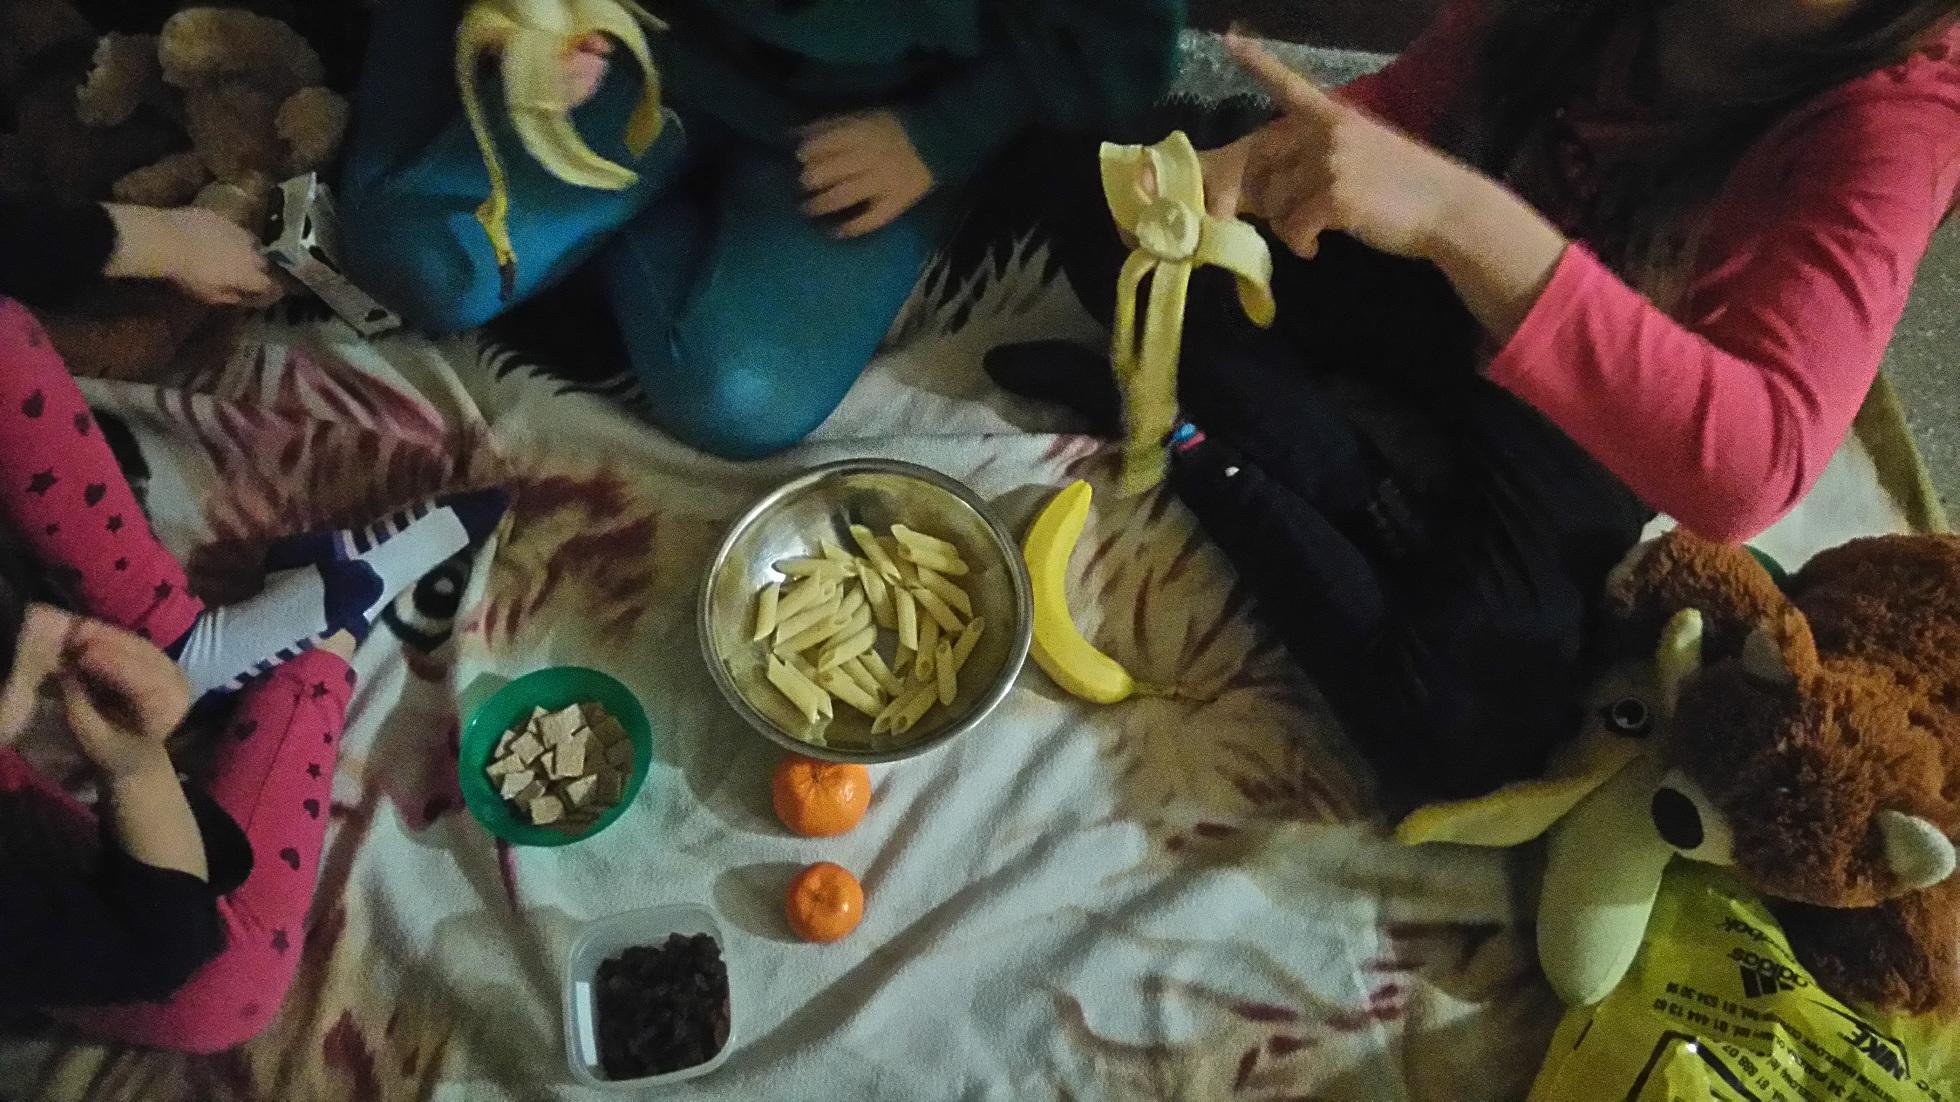 makaron, banany, mandarynki, płatki kukurydziane w zielonej misce leżą na piknikowym kocu, dzieci jedzące banany